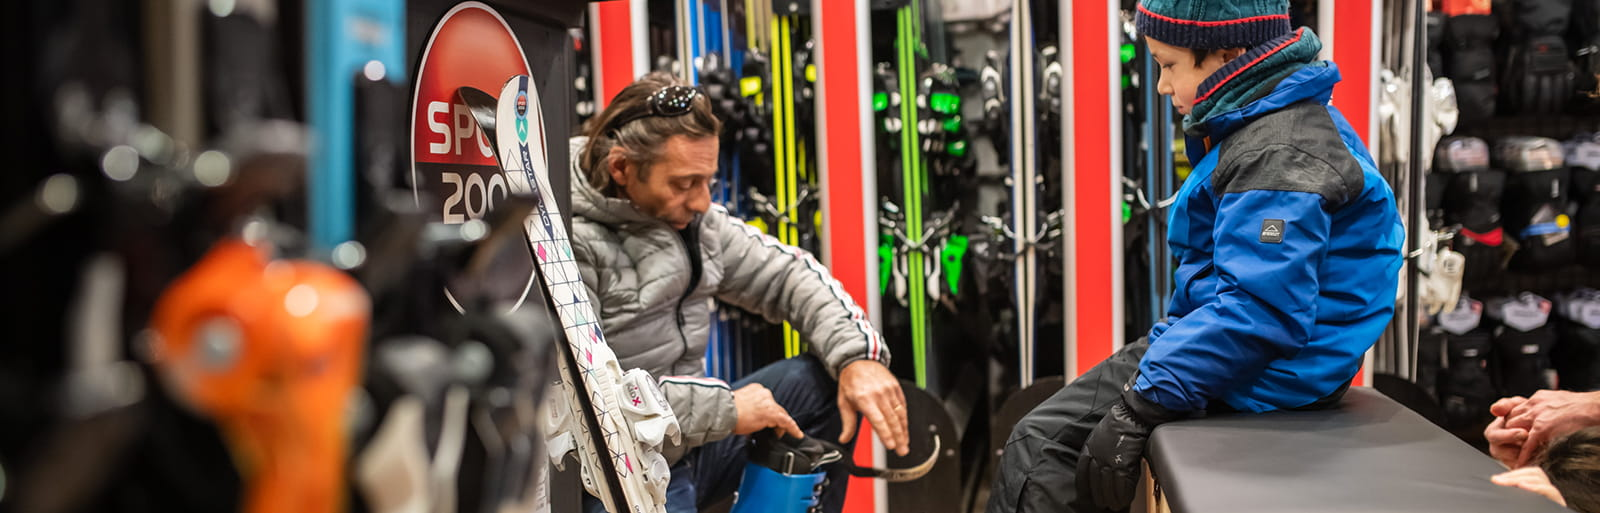 Choisir votre matériel de ski